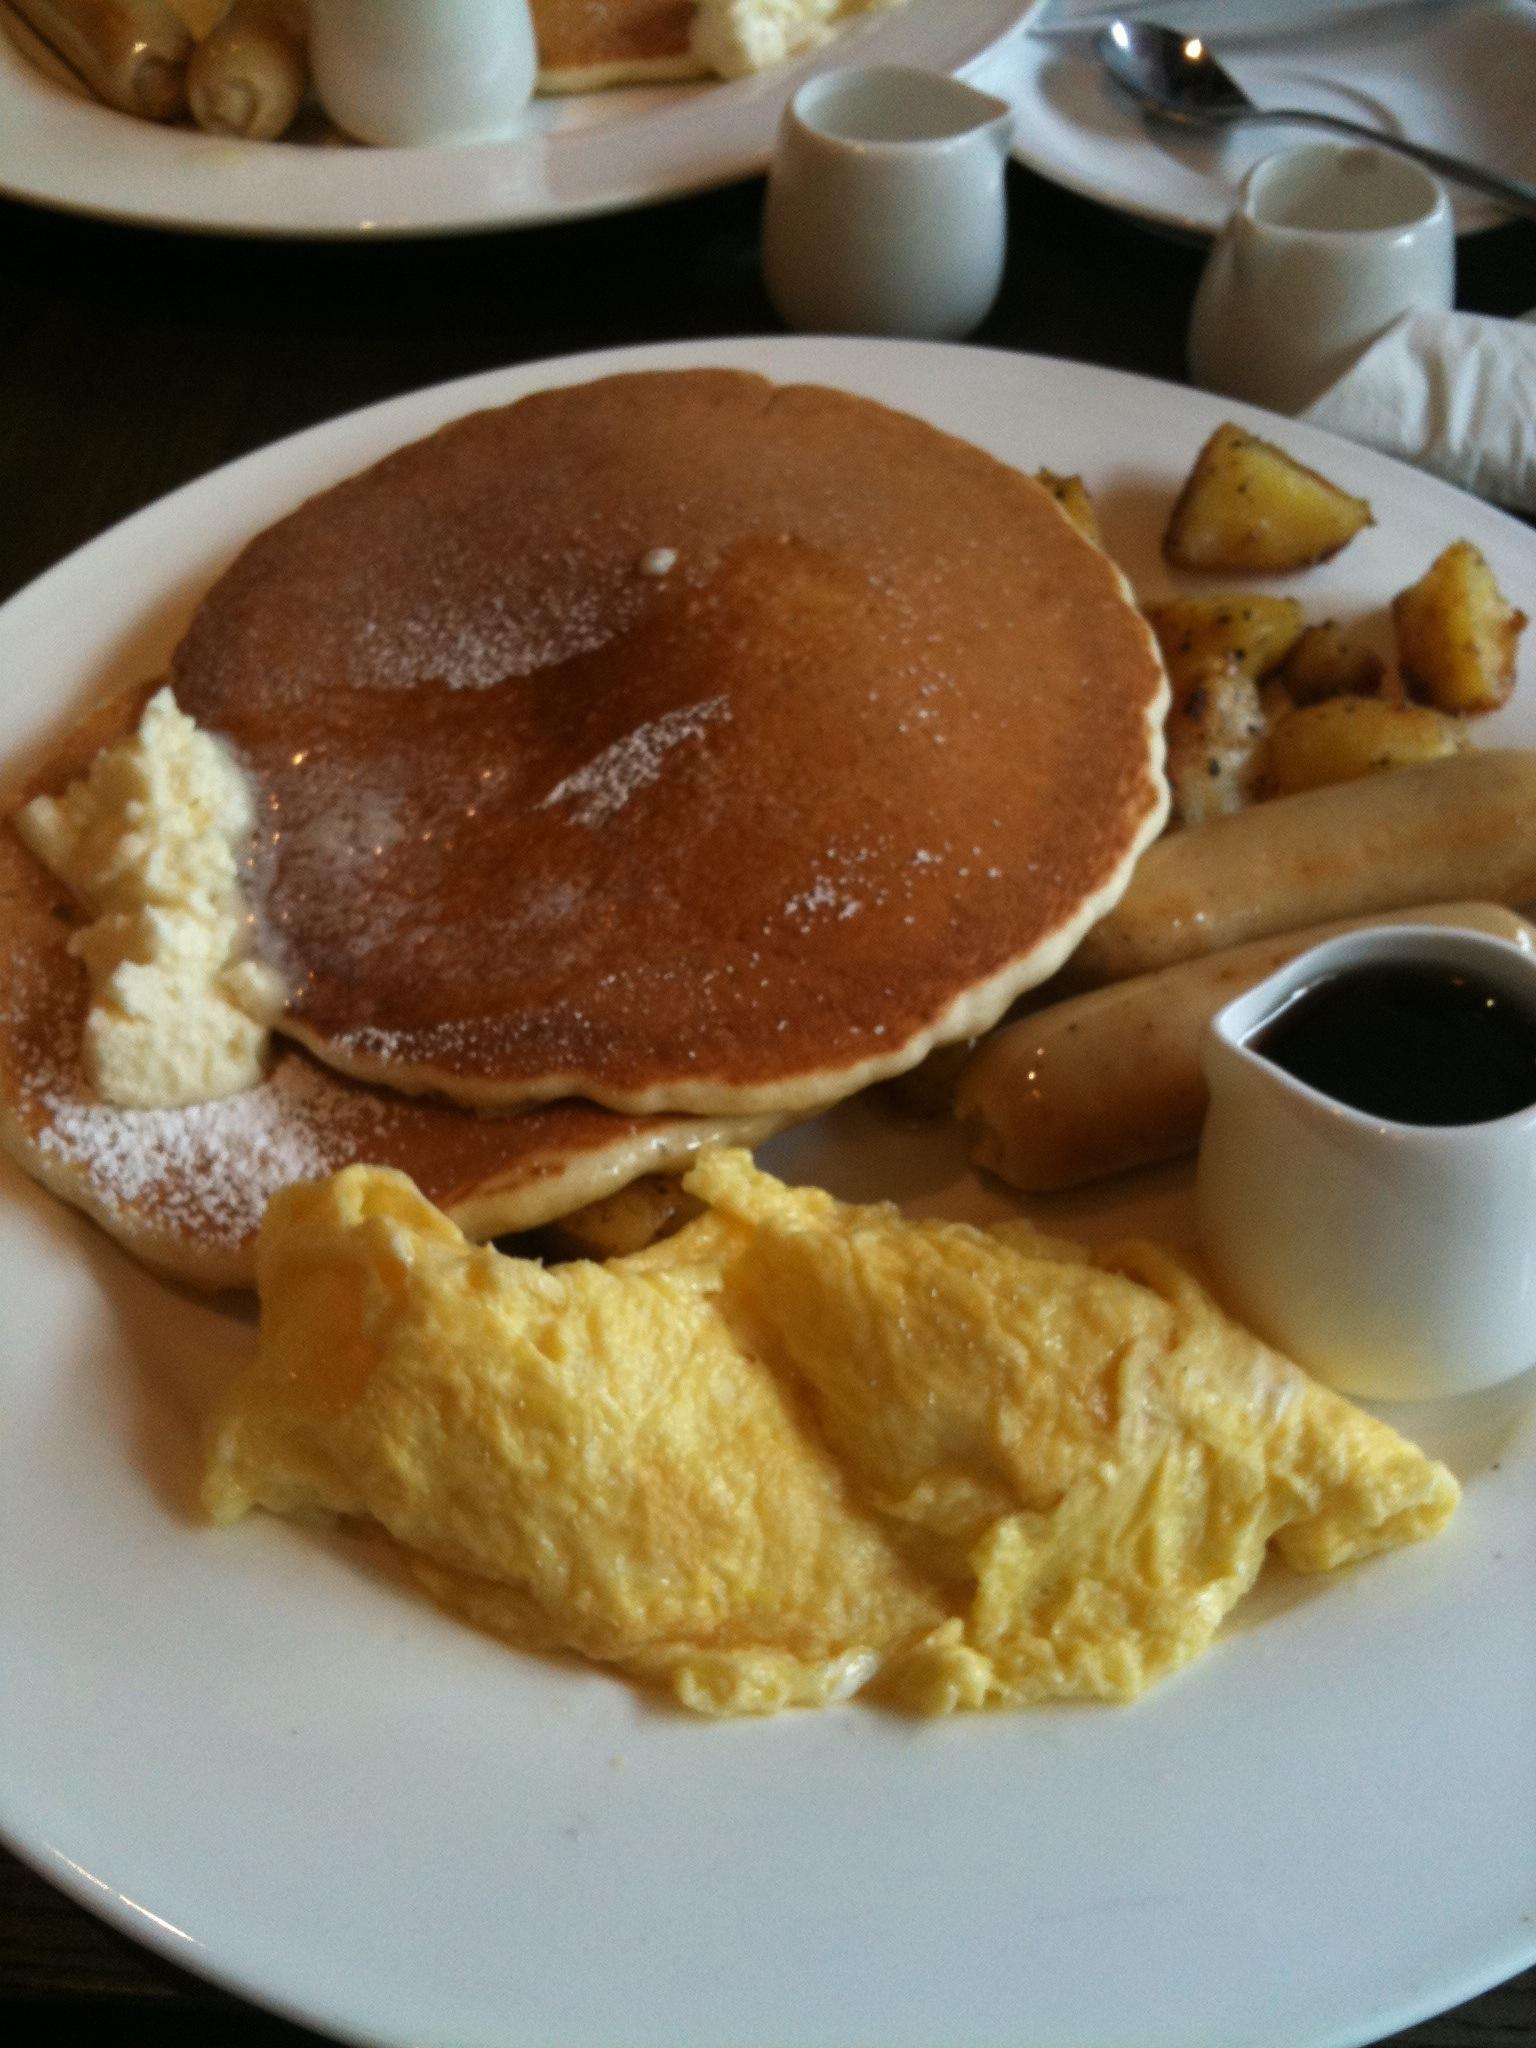 Mr Pancake House's pancakes